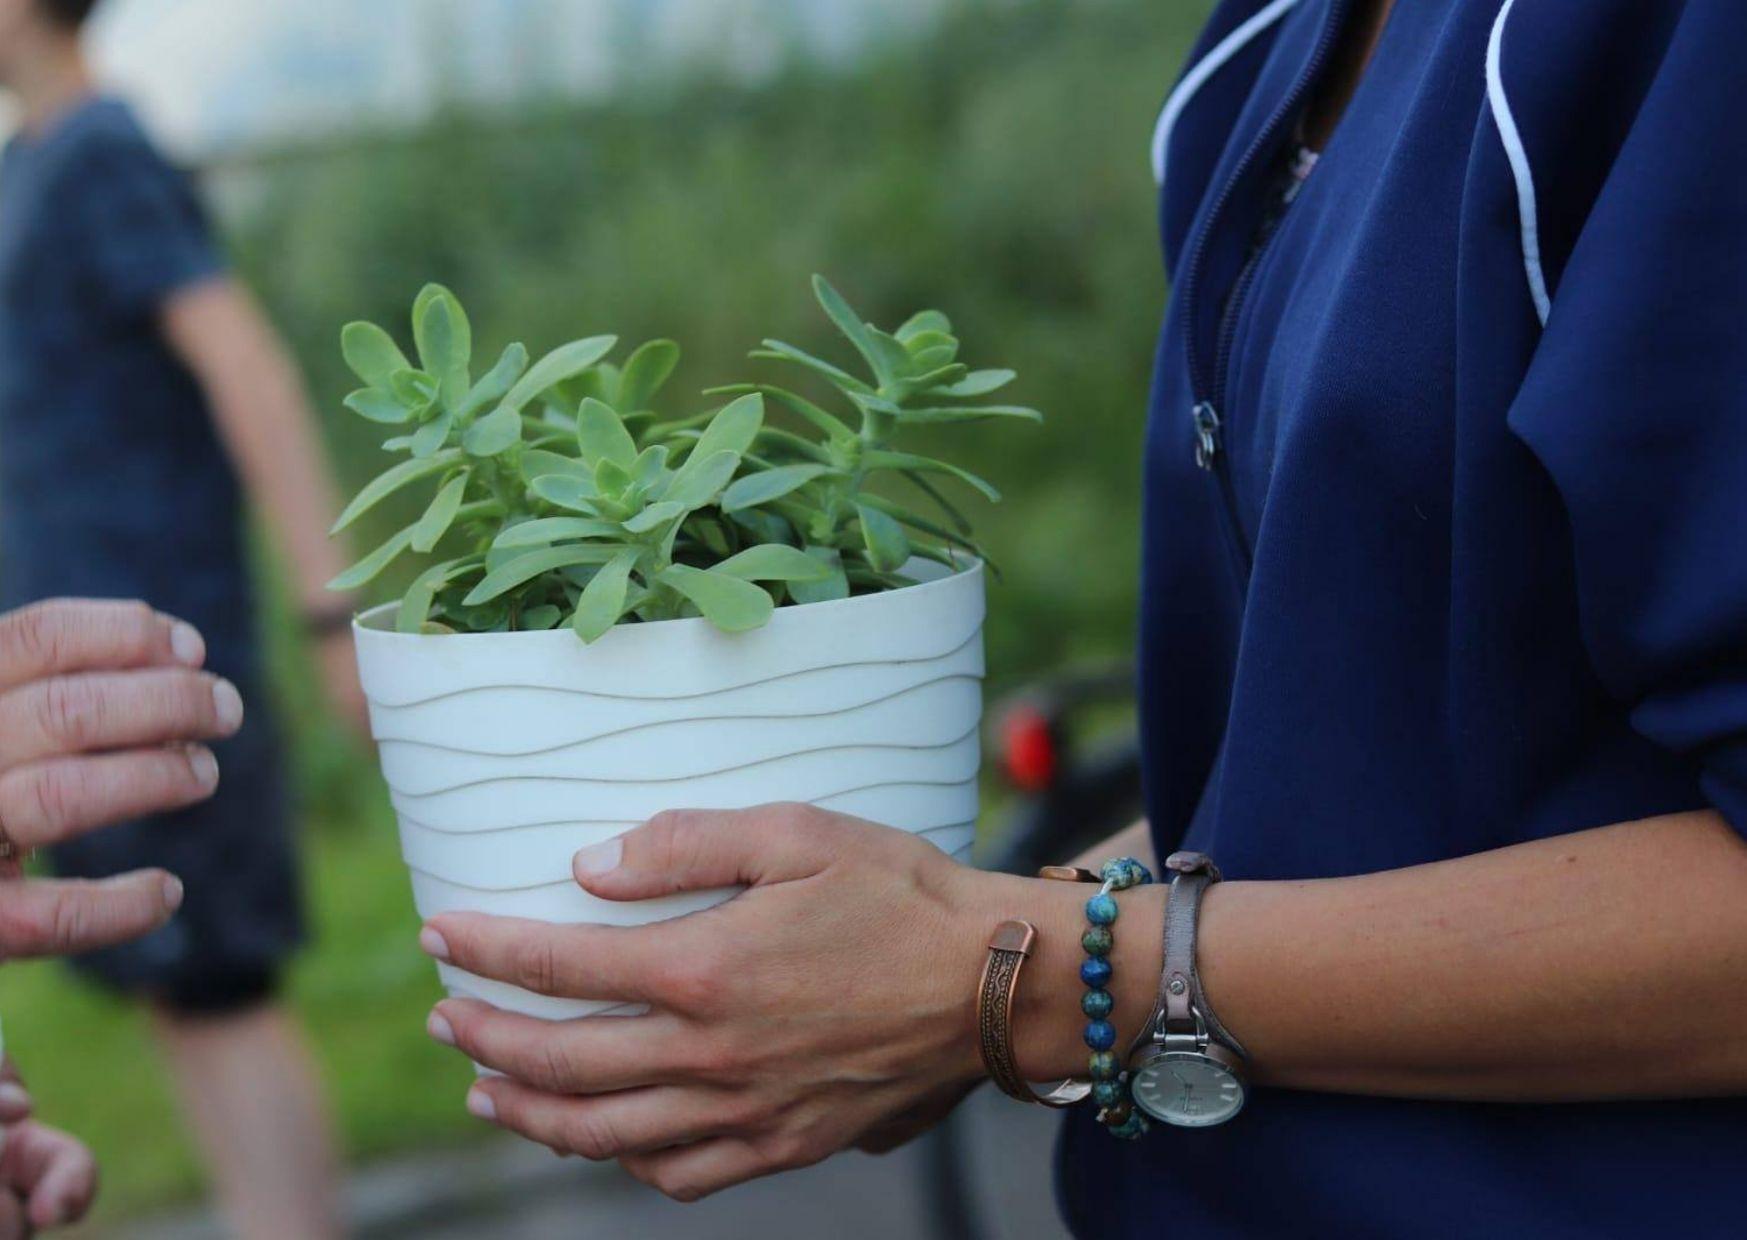 Na zdjęciu kwiatek w doniczce trzymany w dłoniach uroczej osoby.